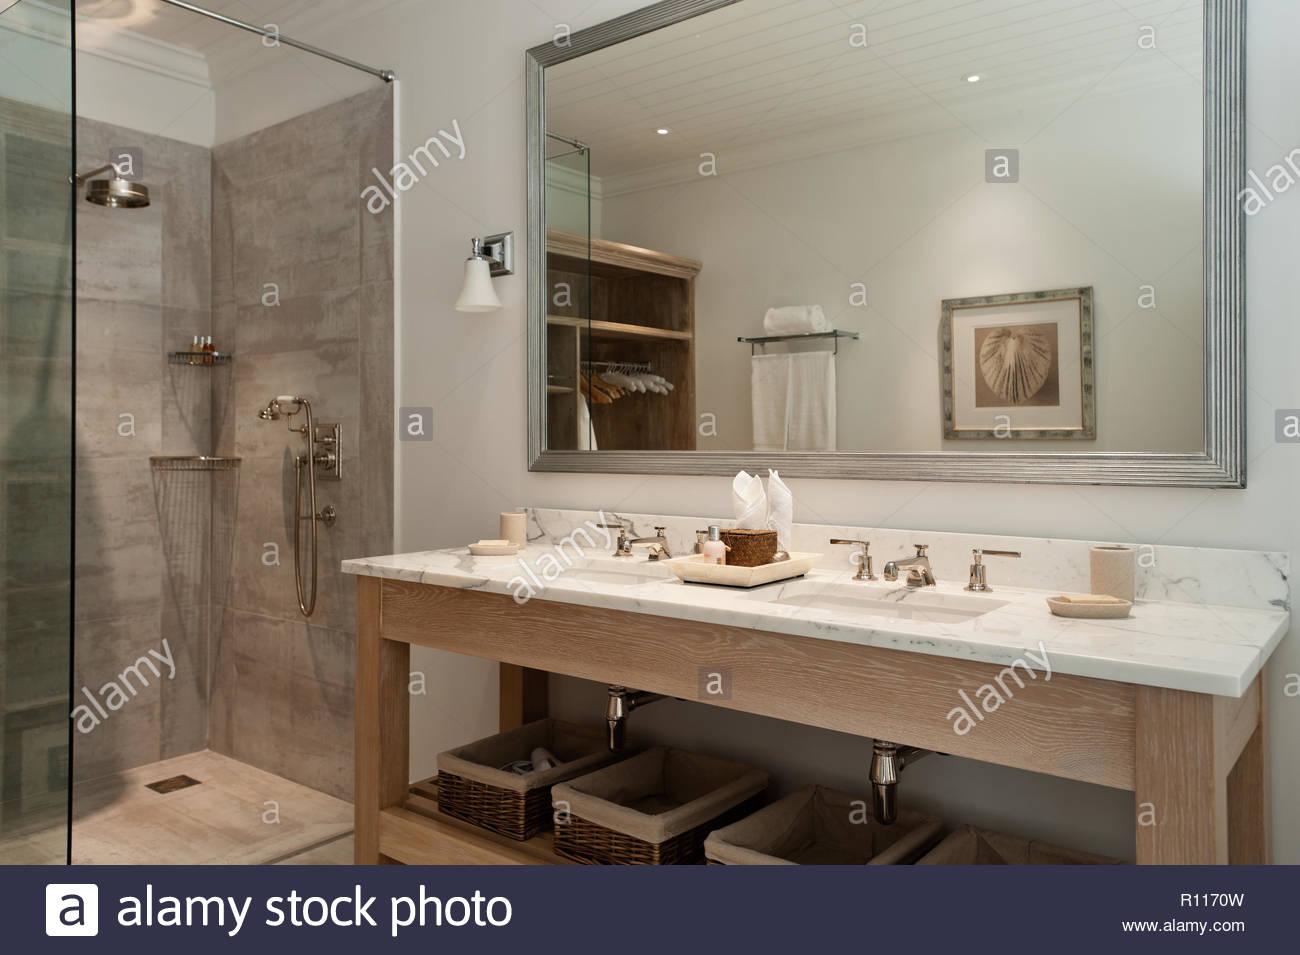 Waschbecken, Dusche im klassischen Stil Badezimmer Stockfoto, Bild ...